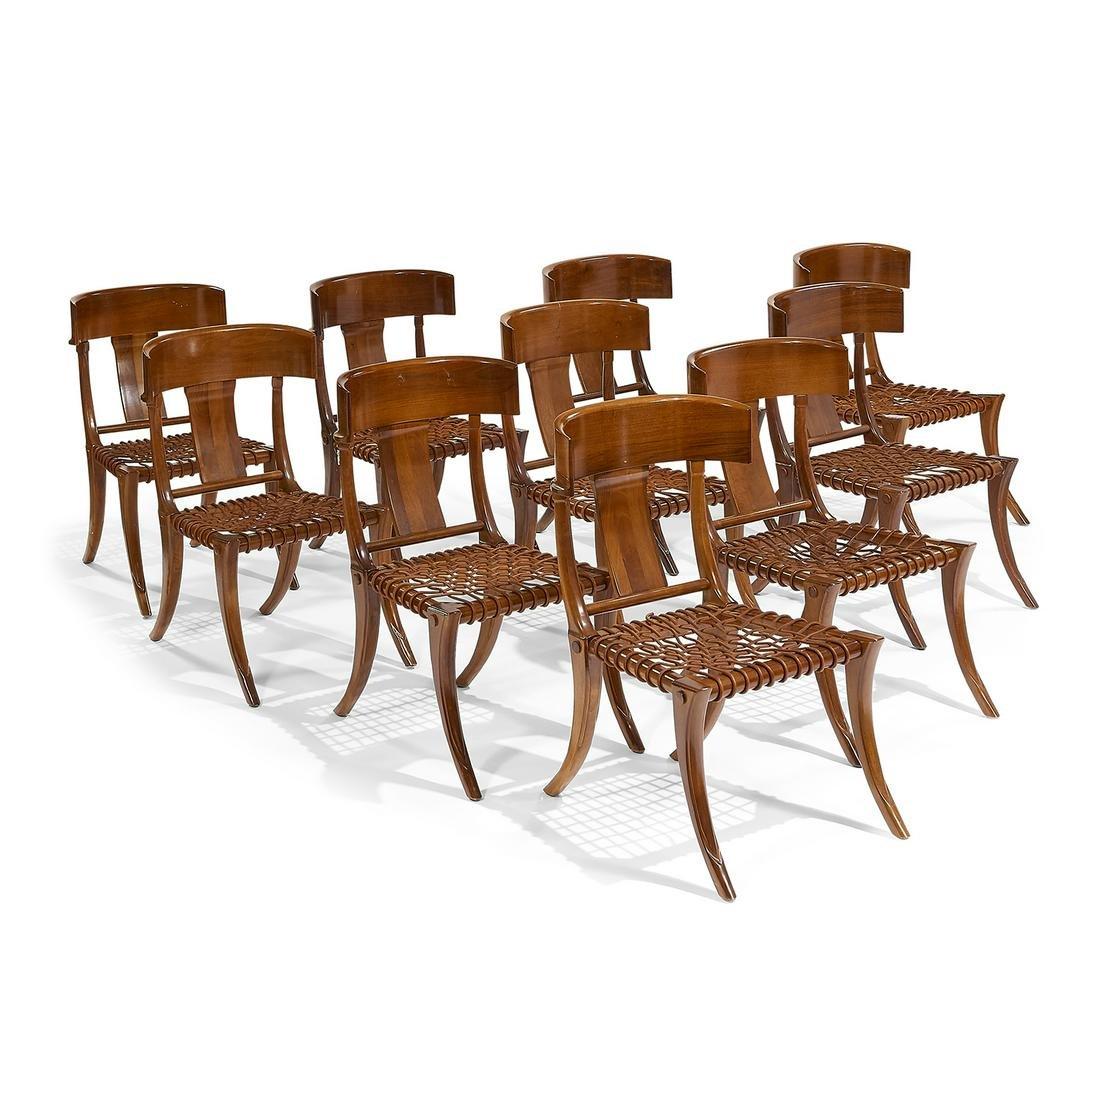 After T.H. Robsjohn-Gibbings Klismos chairs